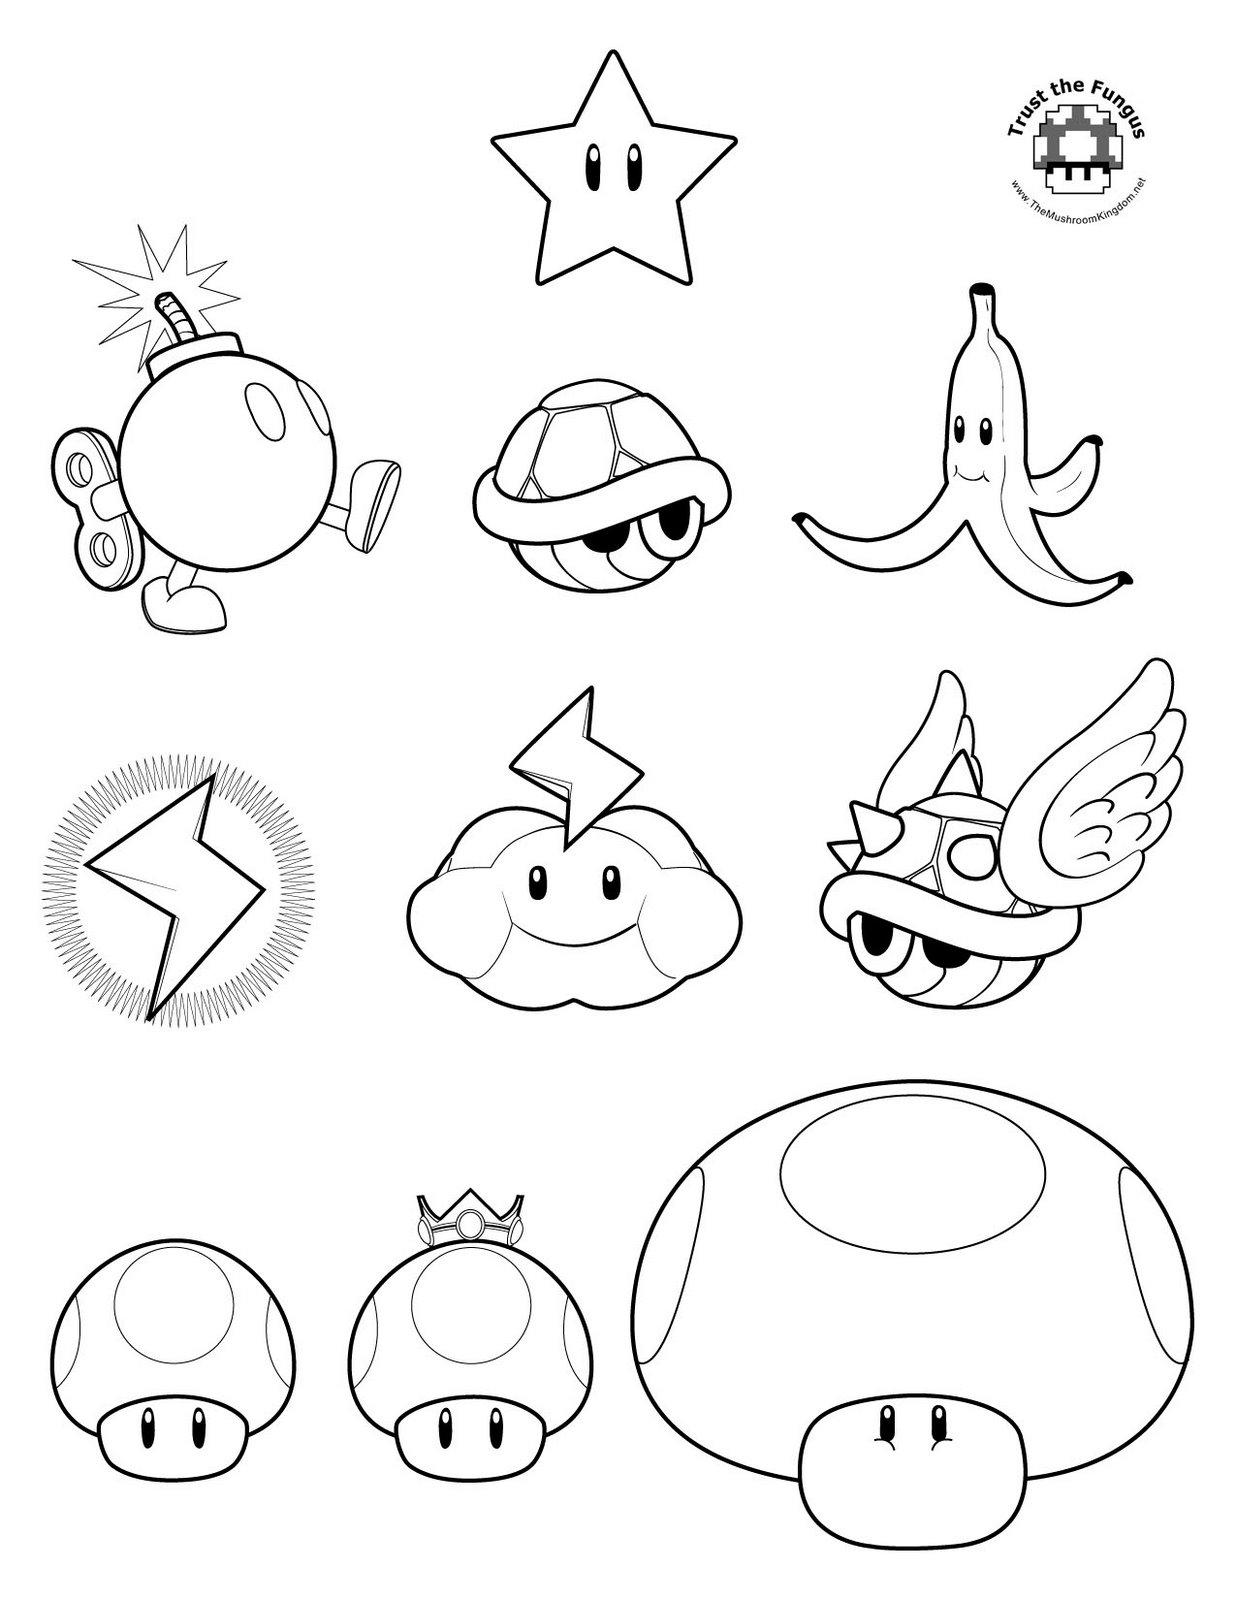 80 Dessins De Coloriage Super Mario Bros A Imprimer Sur Laguerche